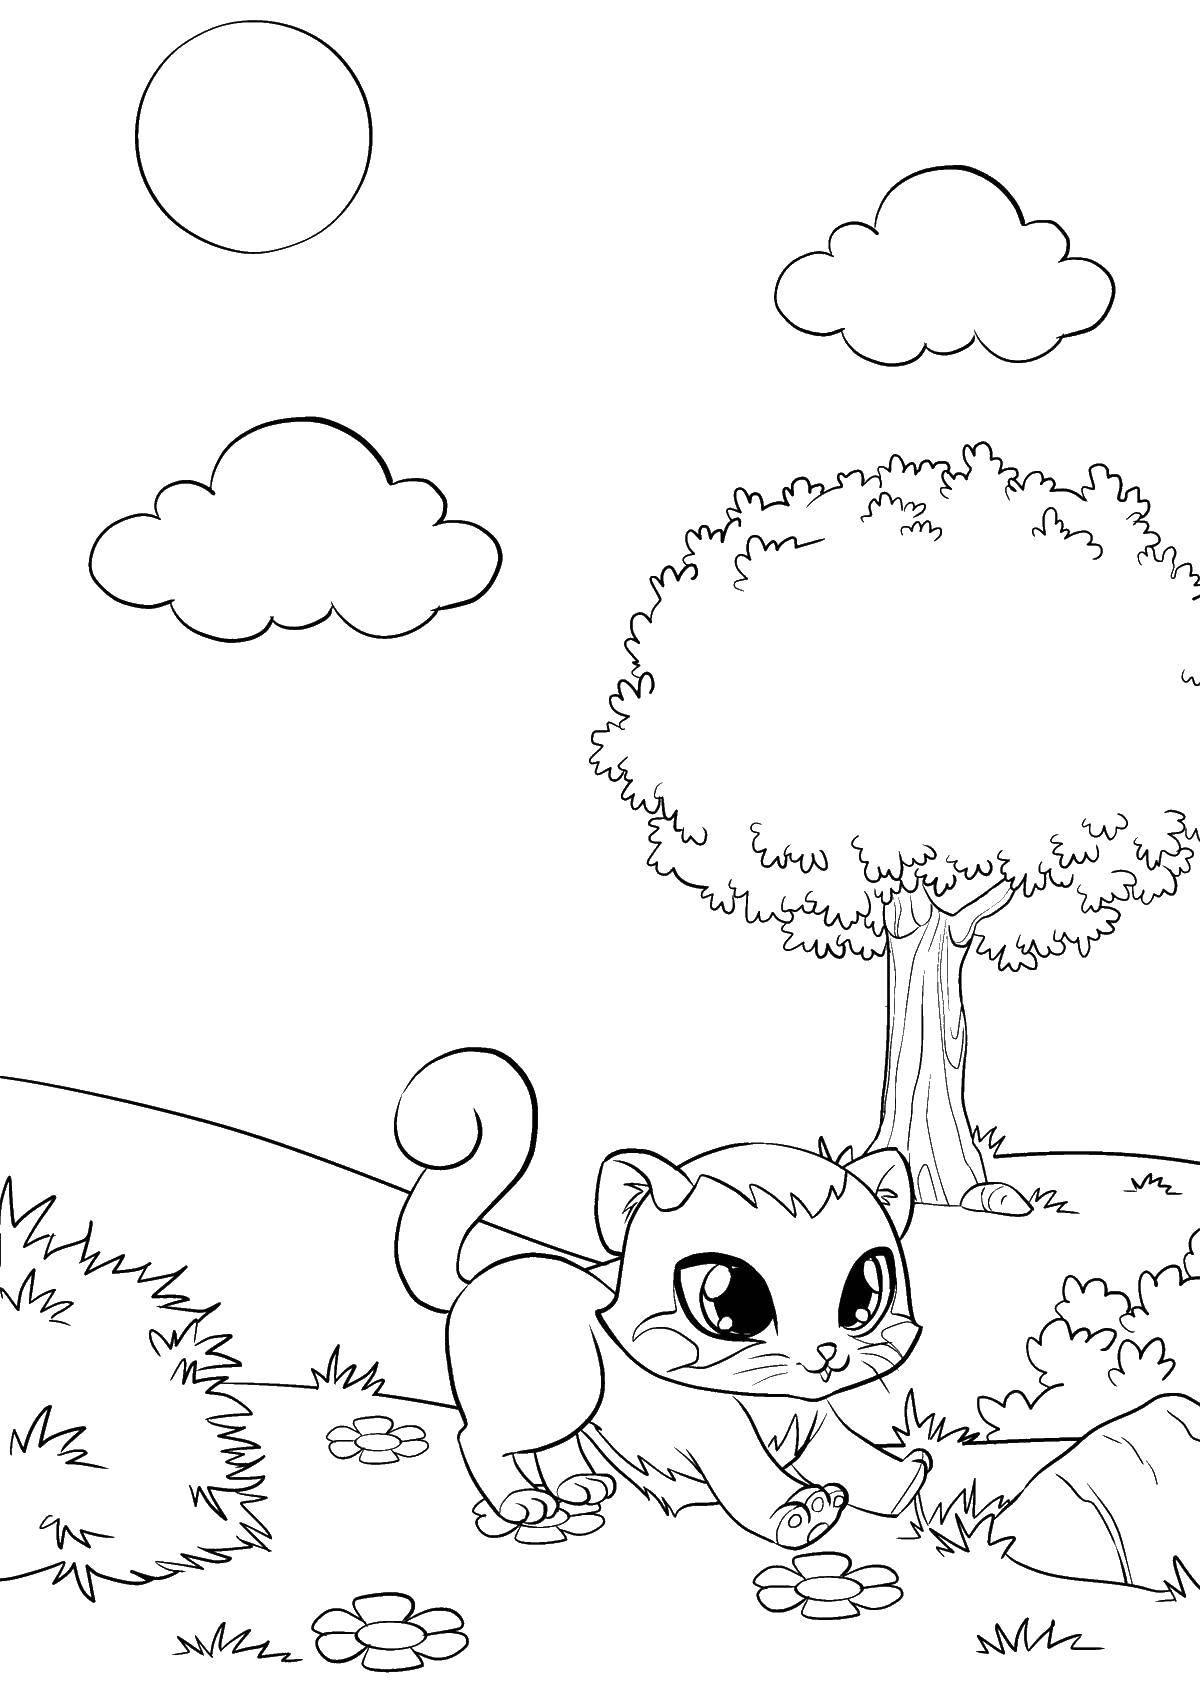 Раскраска Котенок под деревом Скачать котенок, дерево, облака.  Распечатать ,котята,